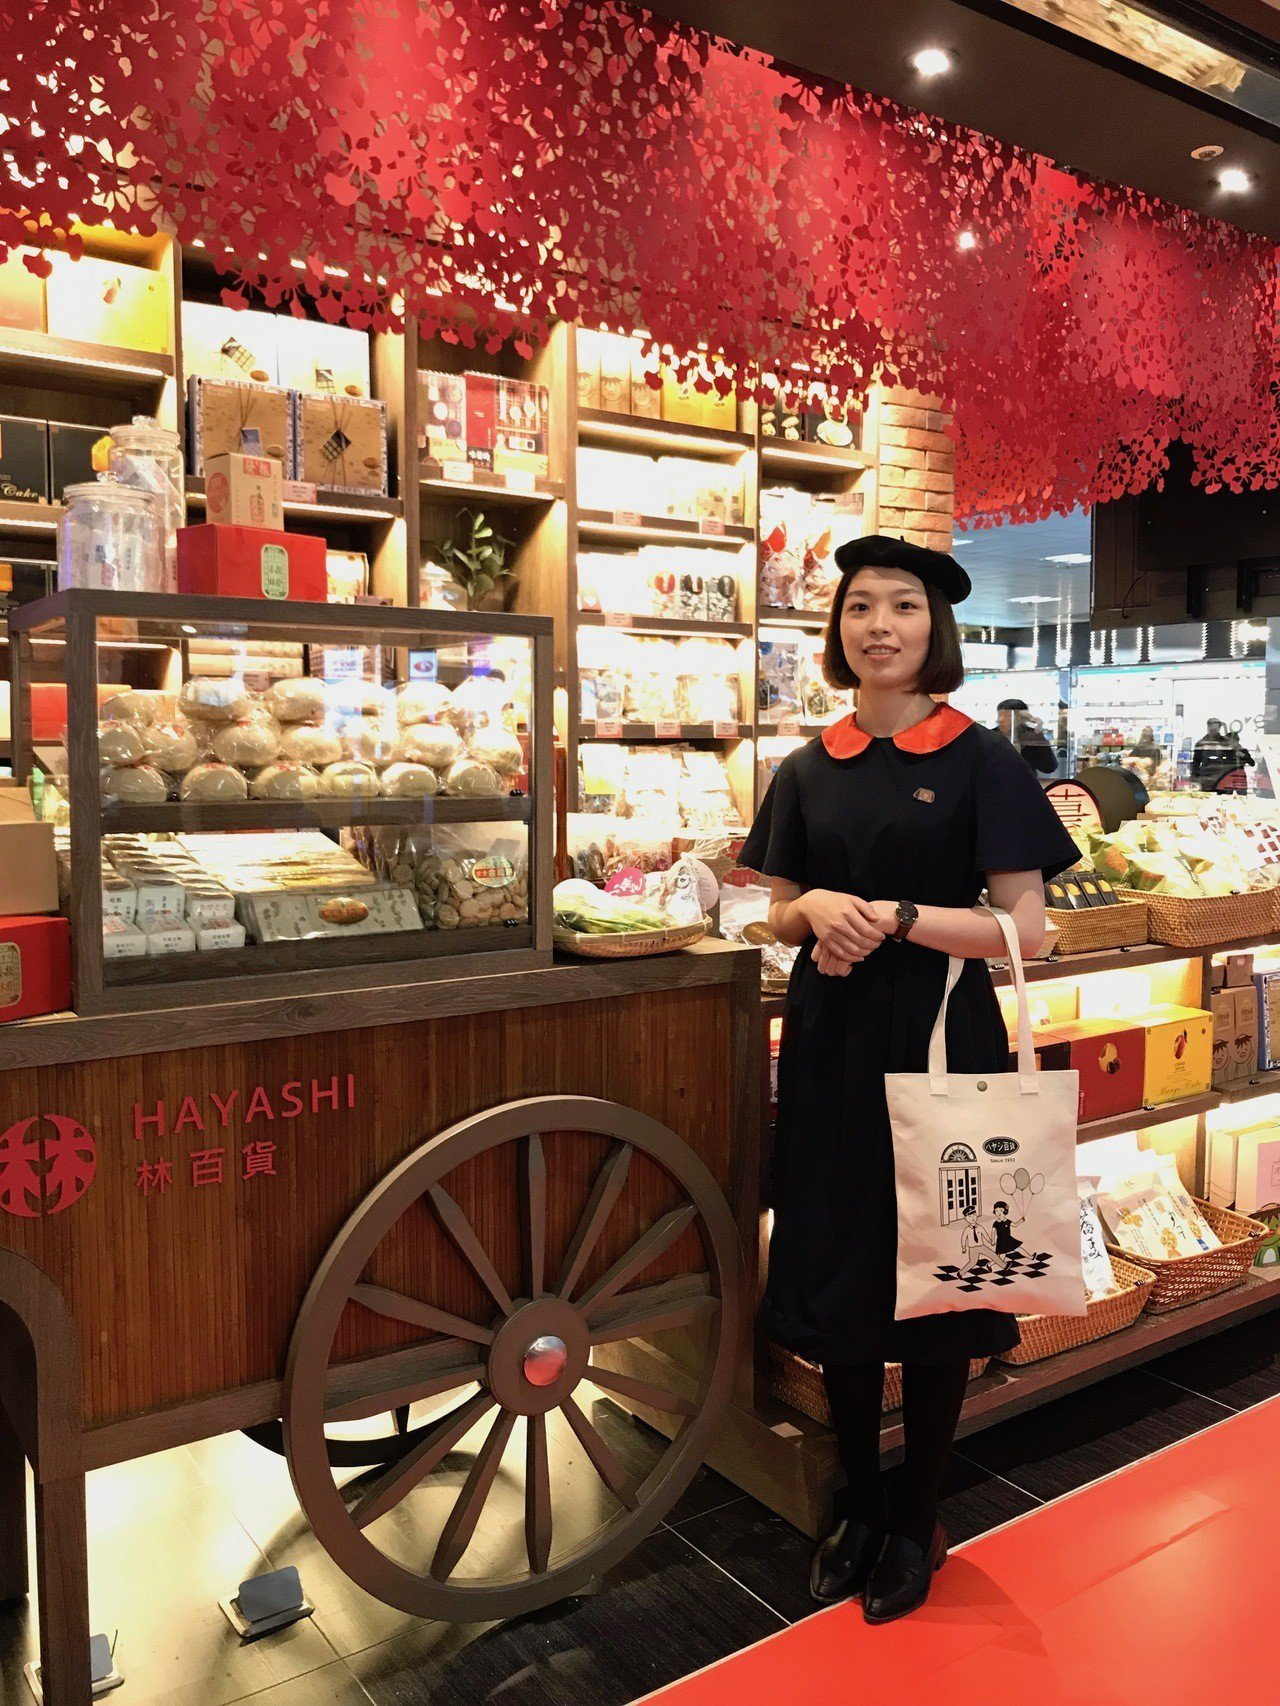 「林百貨—台南好物產」進駐微風台北車站,並推出「林百貨娃娃北車限定款帆布包」。記...